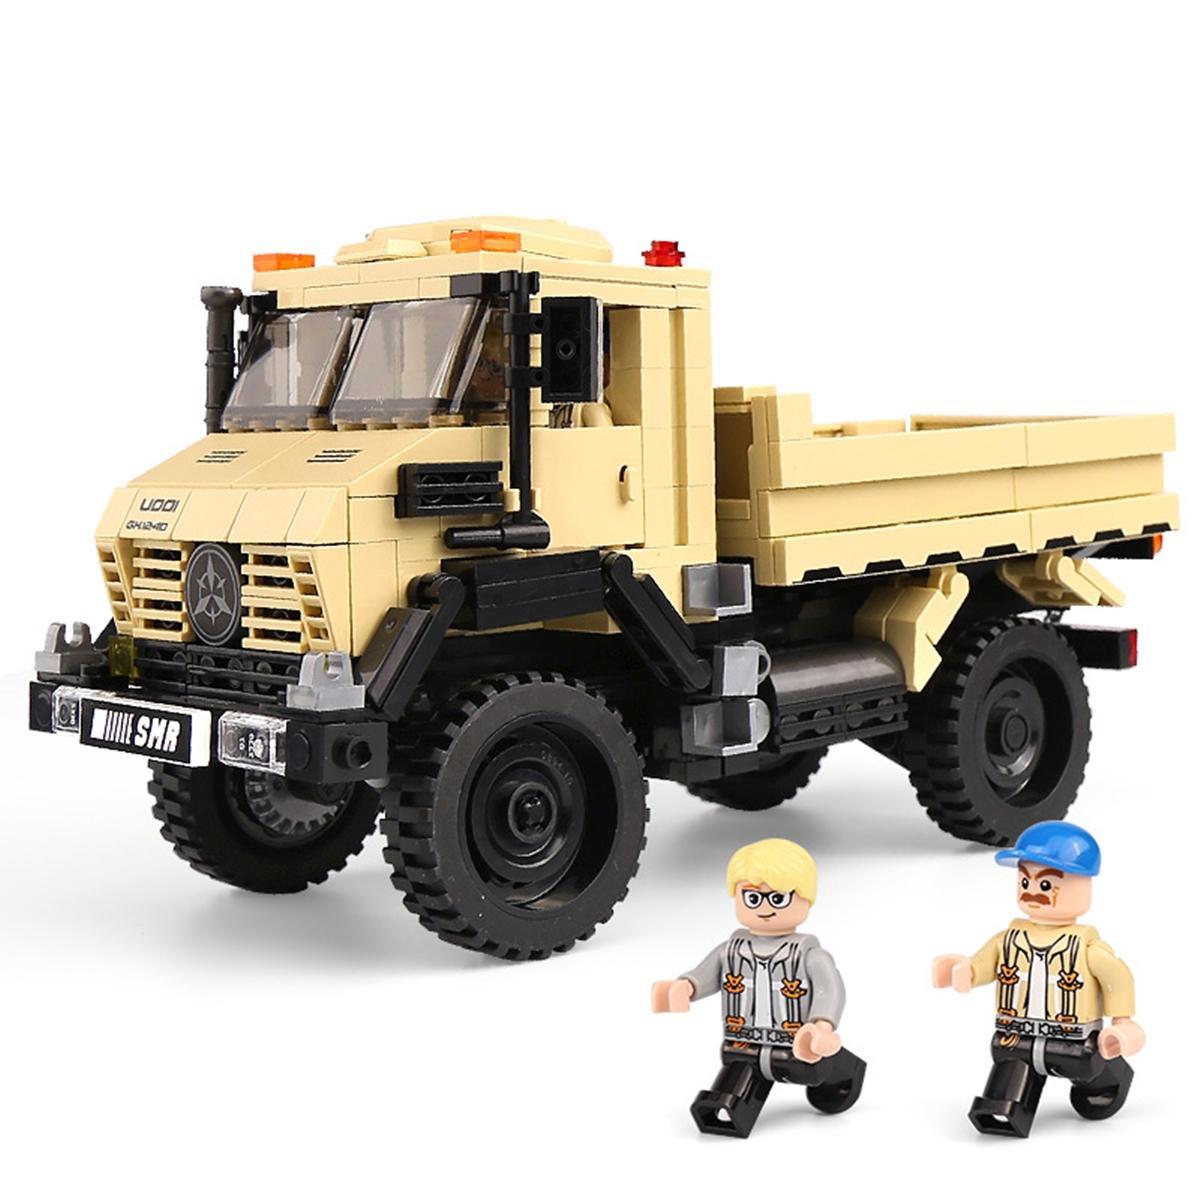 Des blocs de construction Jouets en plastique Briques assemblés Toy grosses particules Puzzle blocs bricolage bloc de construction jouets camion jouet